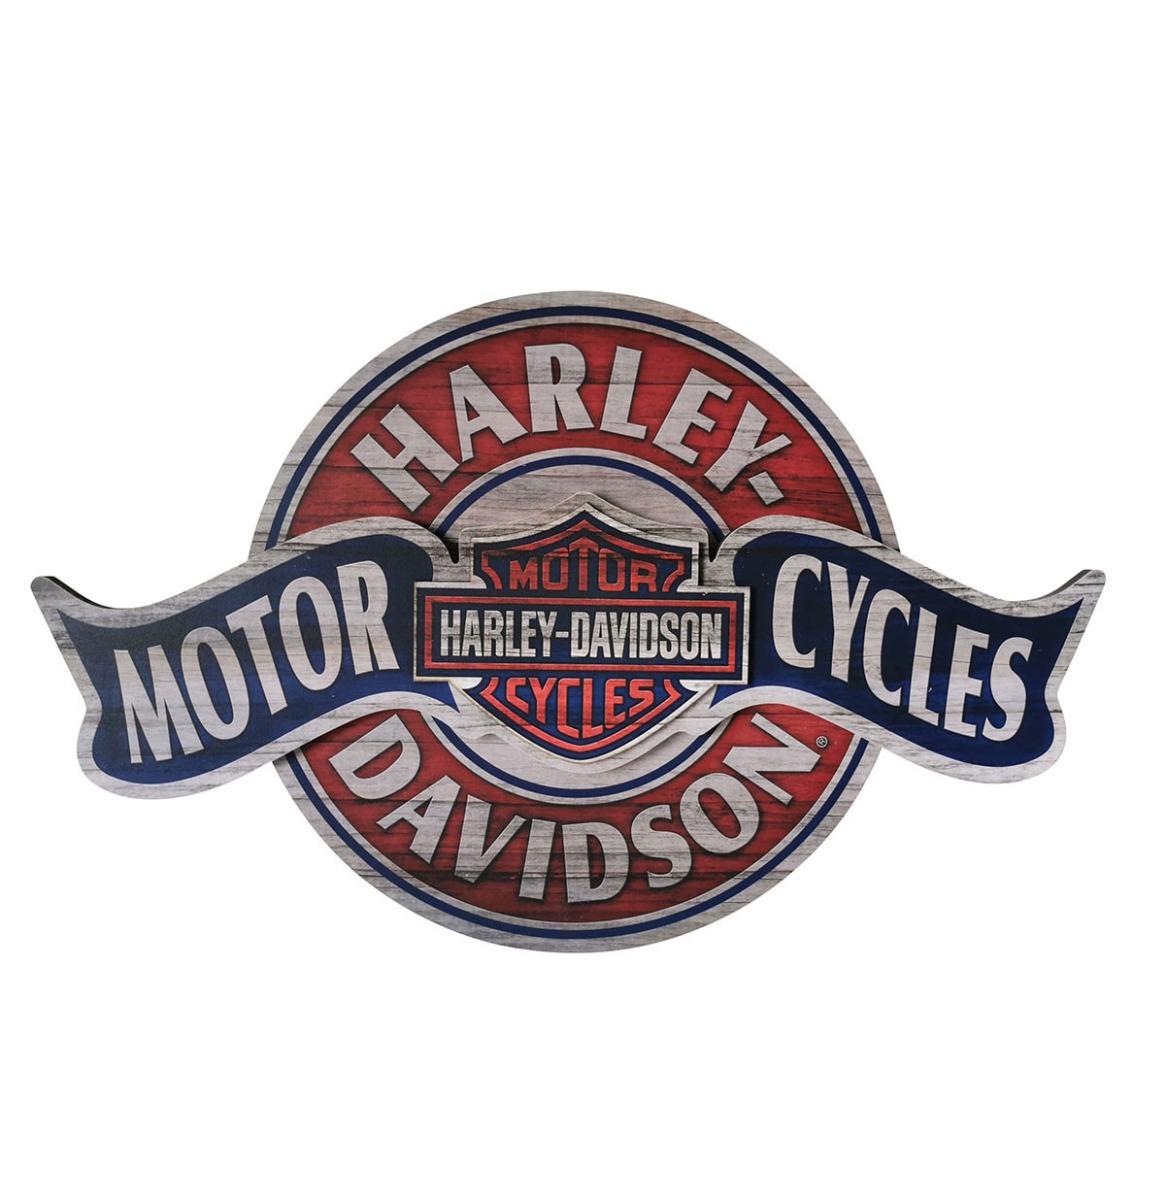 Harley-Davidson Motorcycles Banner Bord